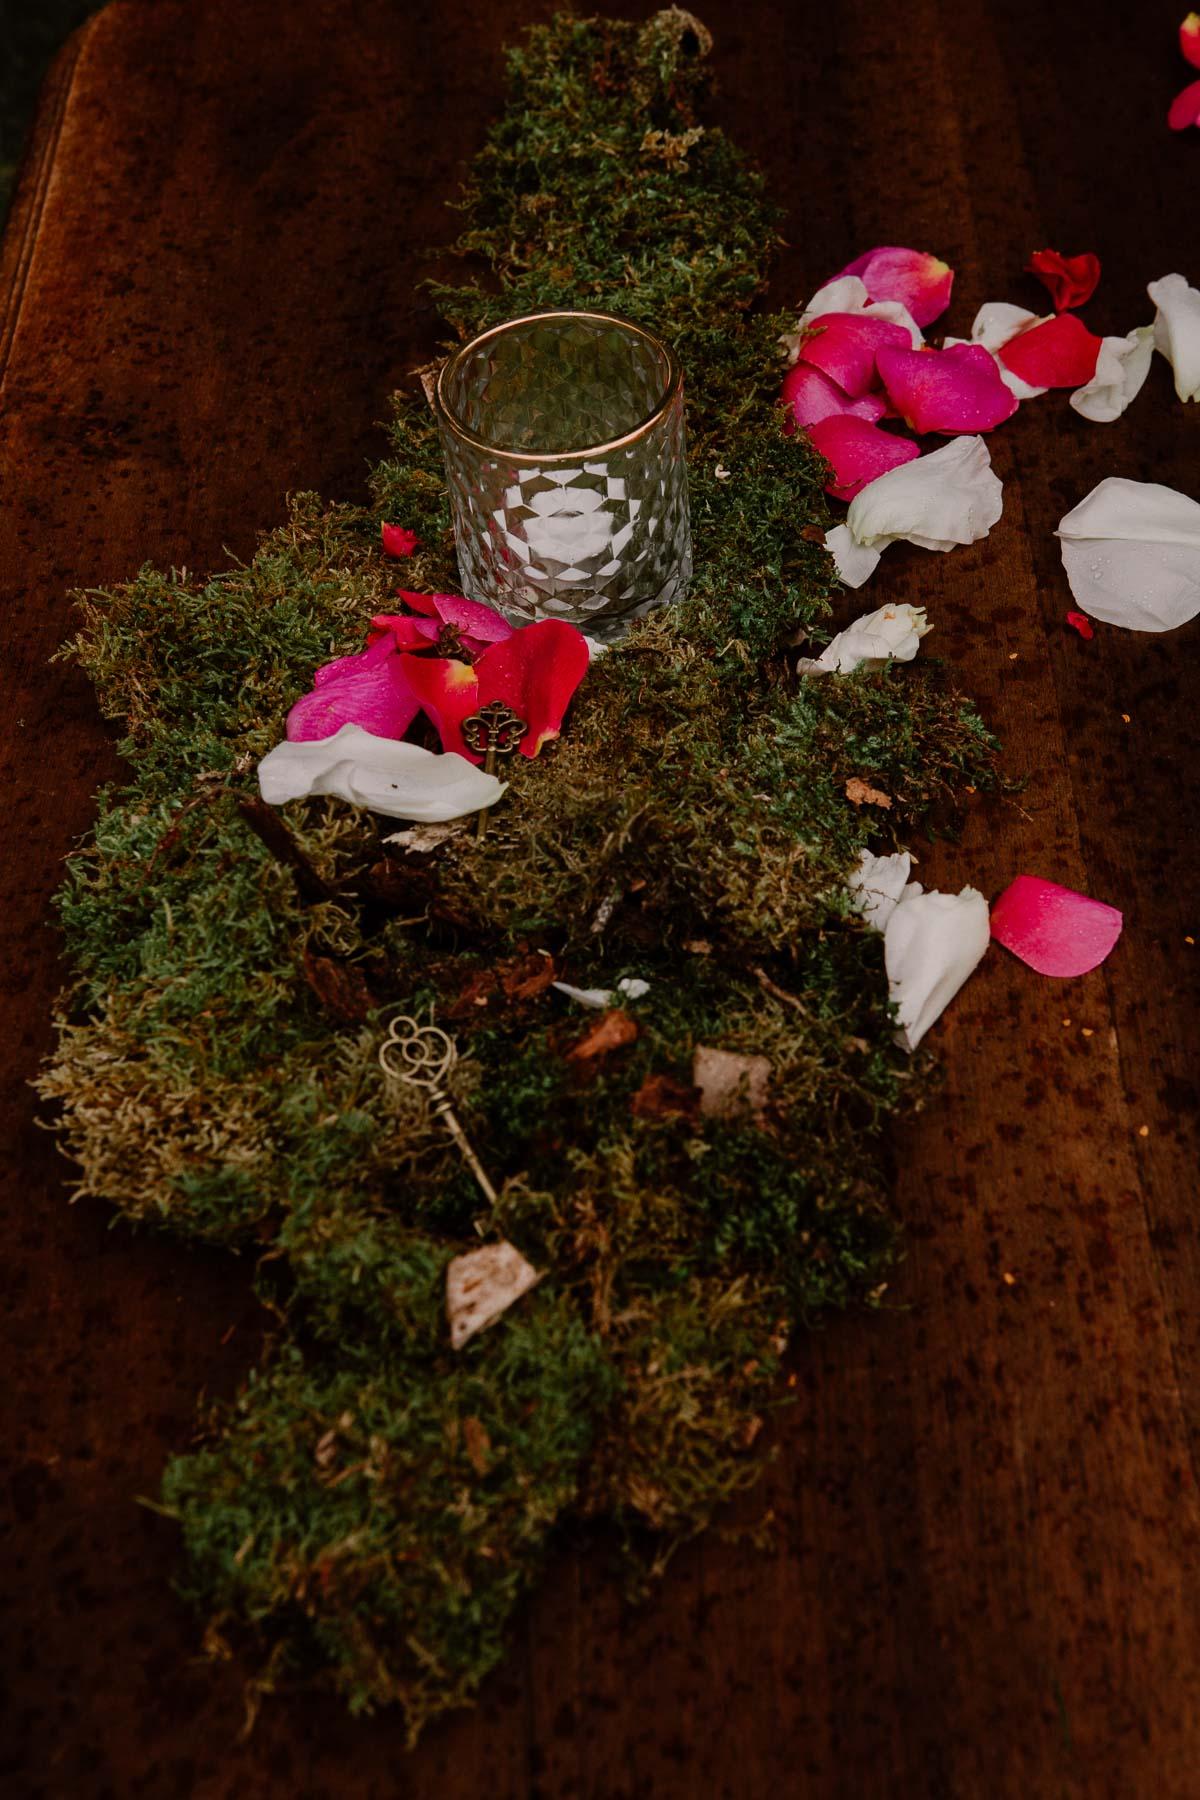 mariage au chateau près d'annecy décoration